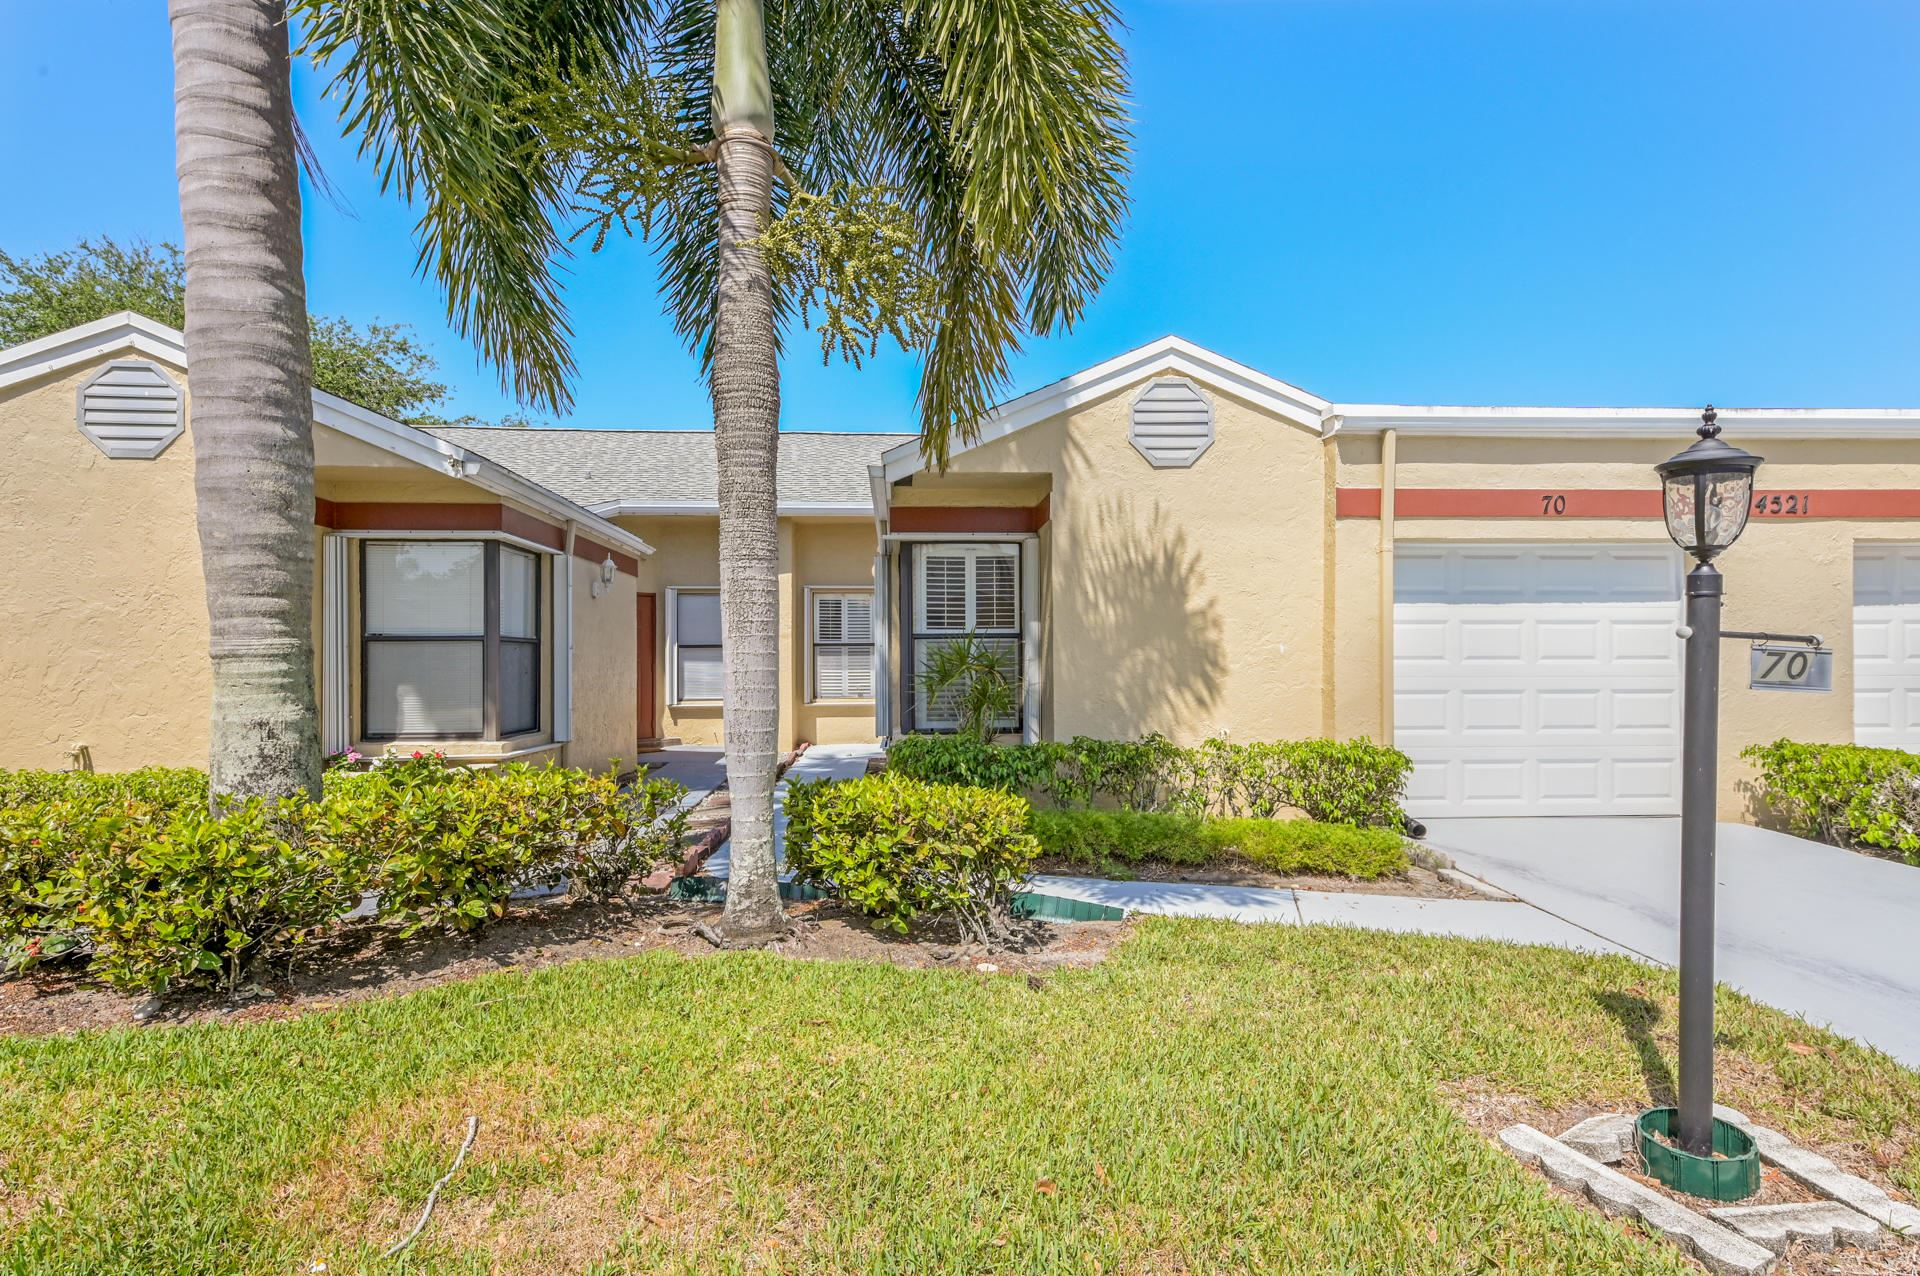 4521 Challenger Way #70, West Palm Beach, FL 33417 - MLS#: RX-10753705